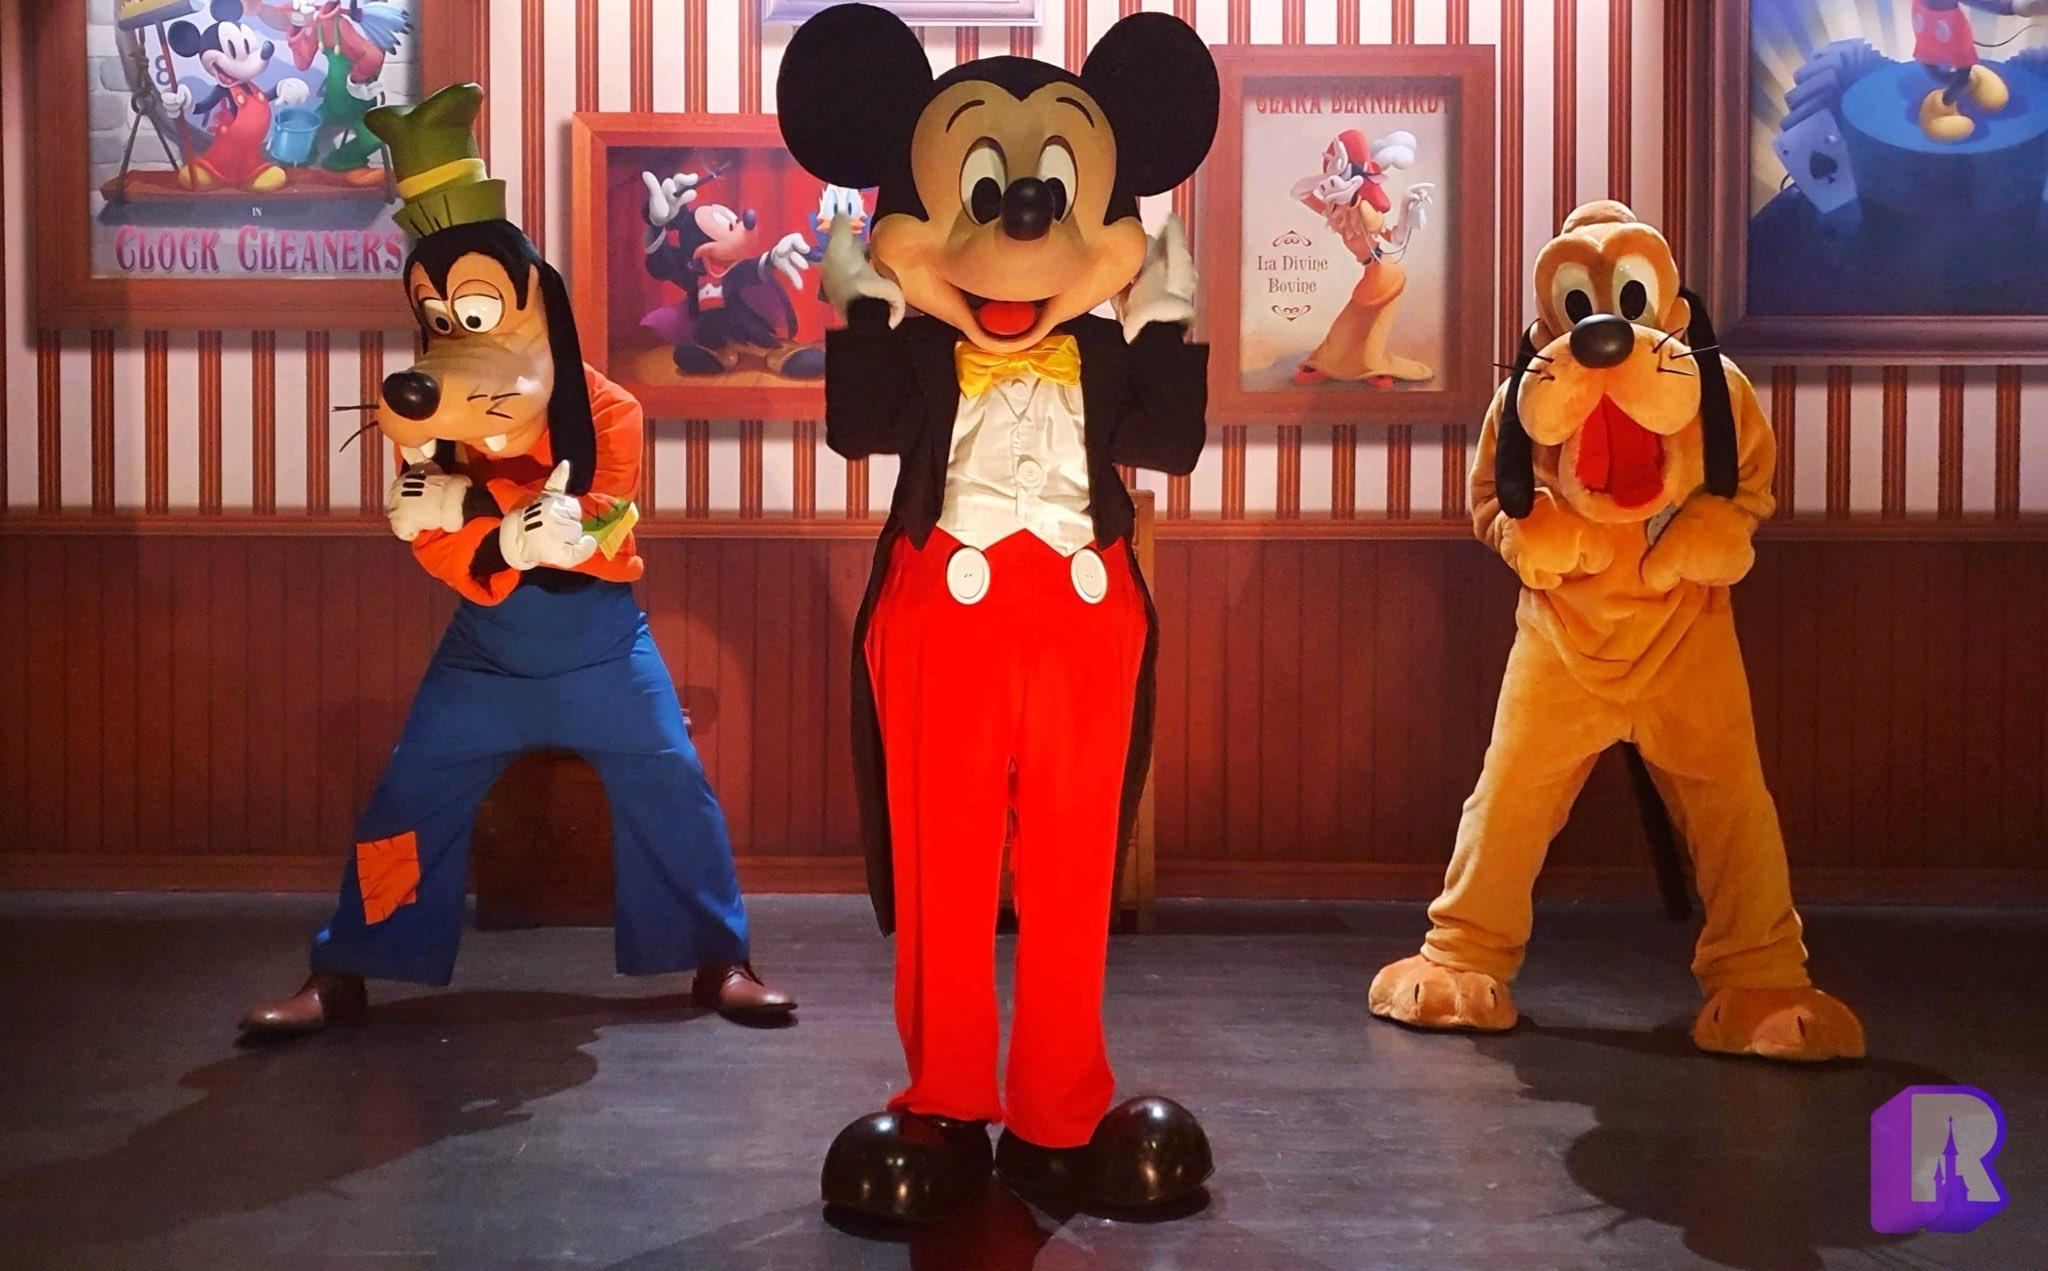 Disneyland Paris ouvert pendant la COVID-19 (juillet-octobre 2020)  - Page 2 EcqhruDXsAENiAd?format=jpg&name=large